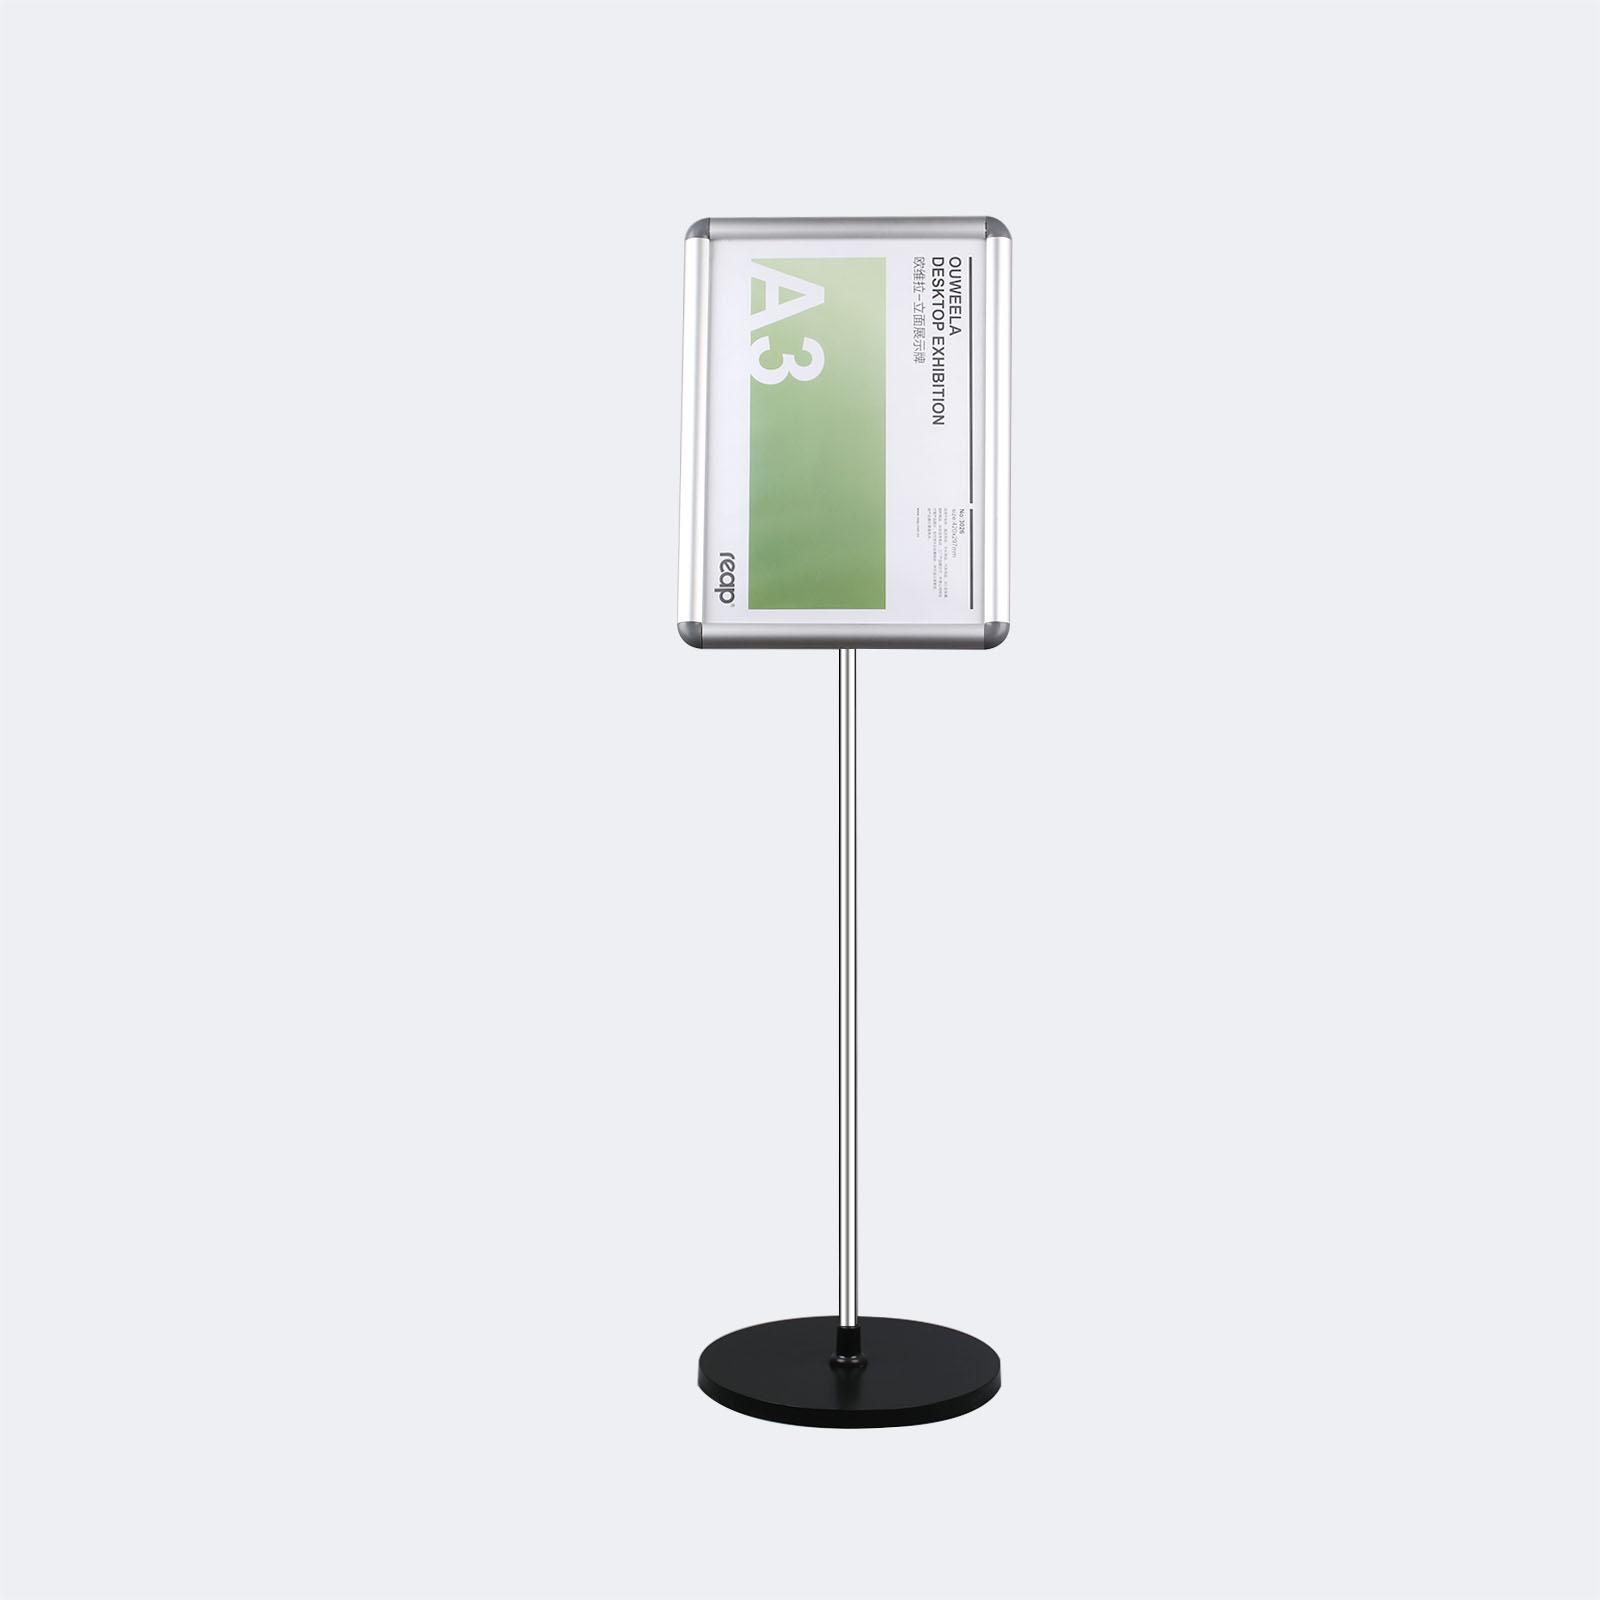 瑞普展示架A3落地架店铺指示牌立牌资料宣传指示牌3026